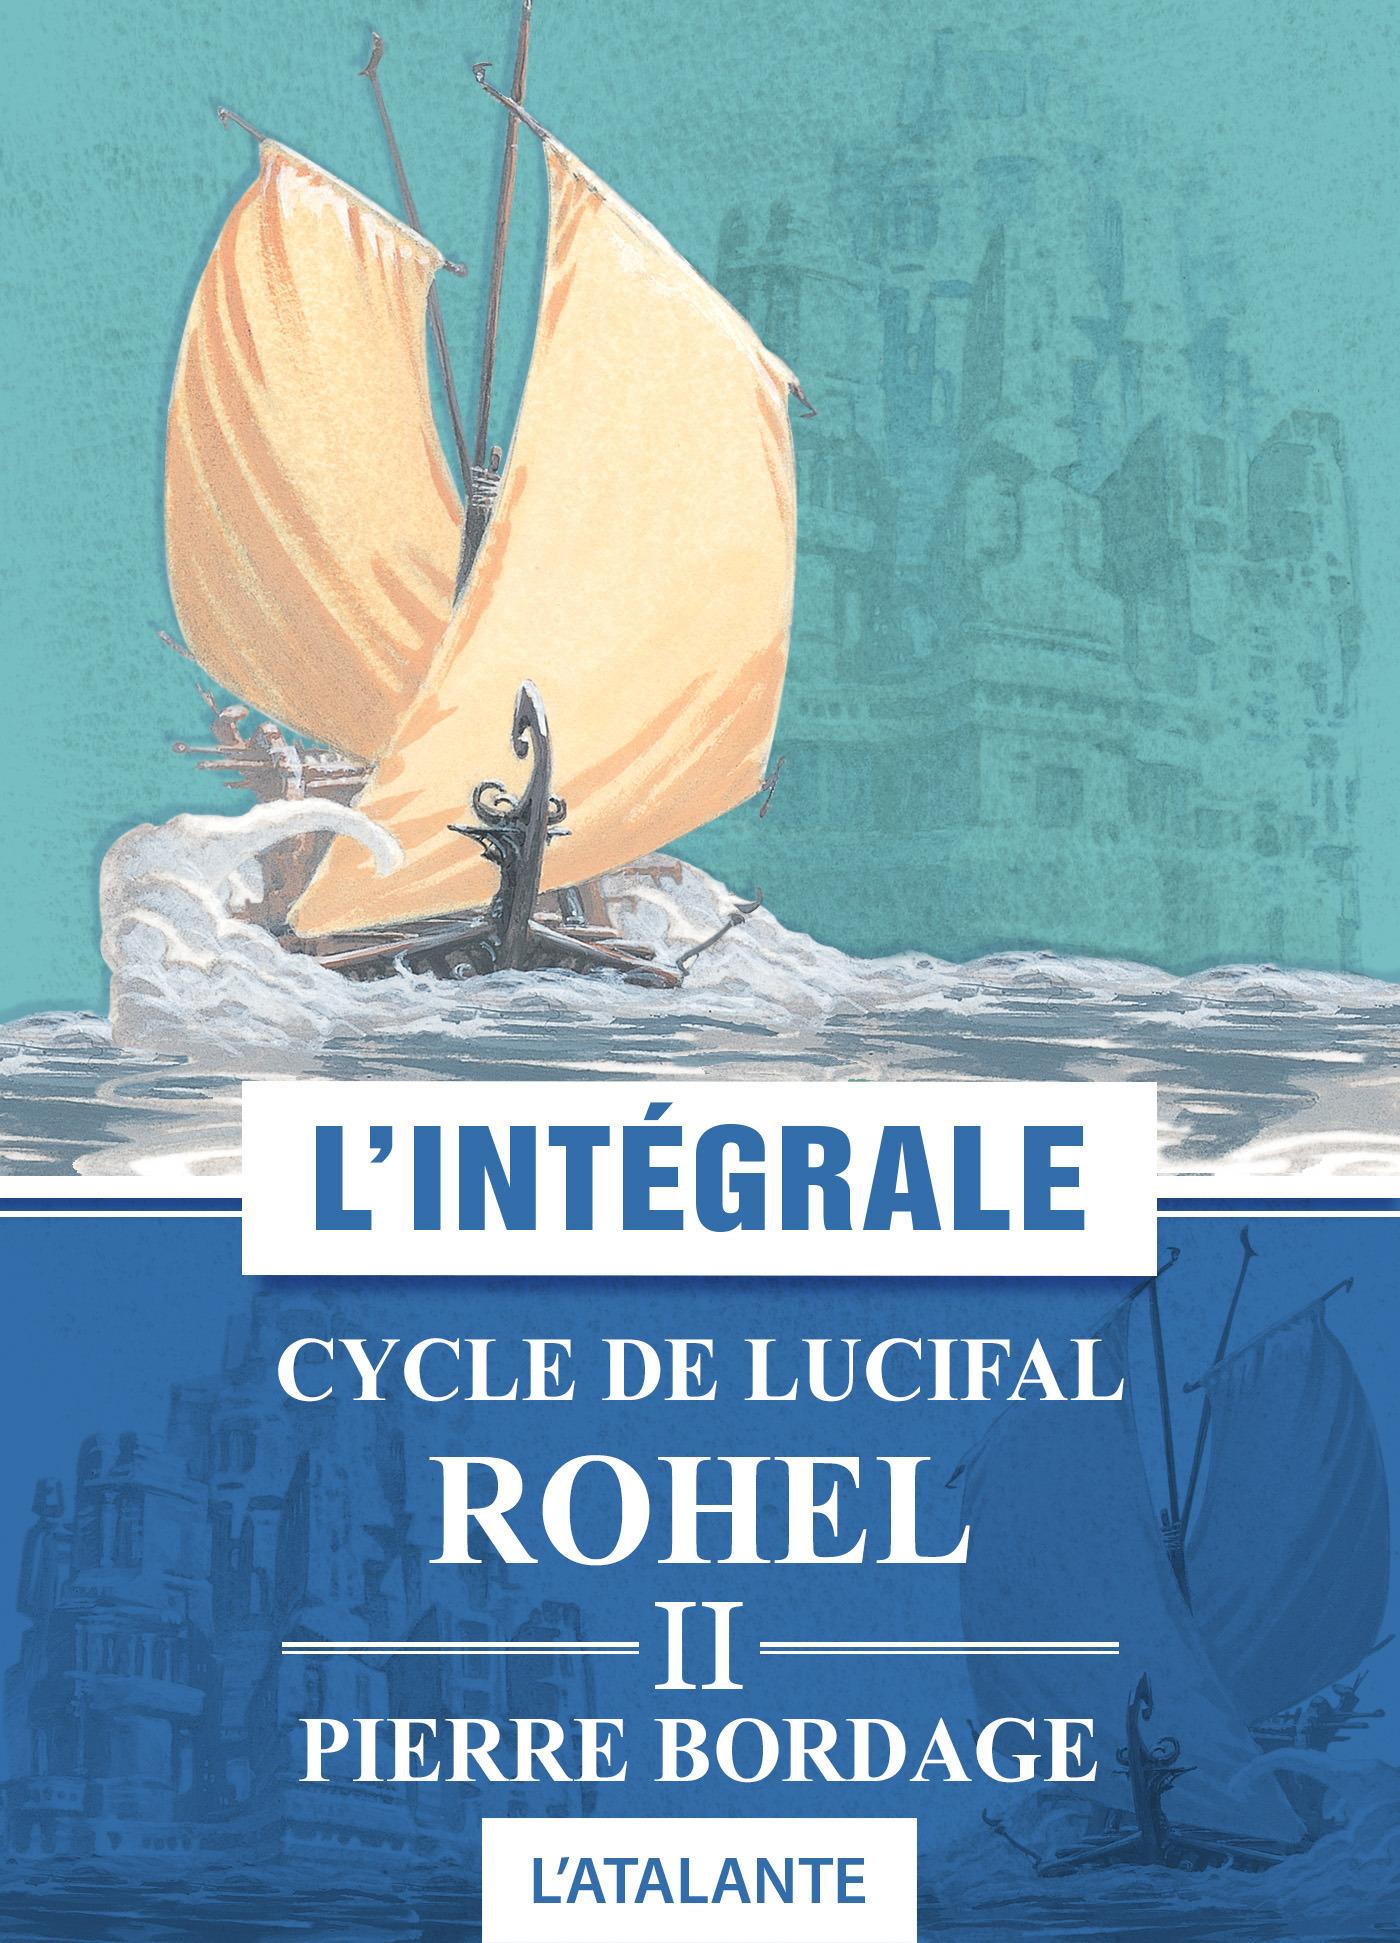 Pierre Bordage Cycle de Lucifal - Rohel